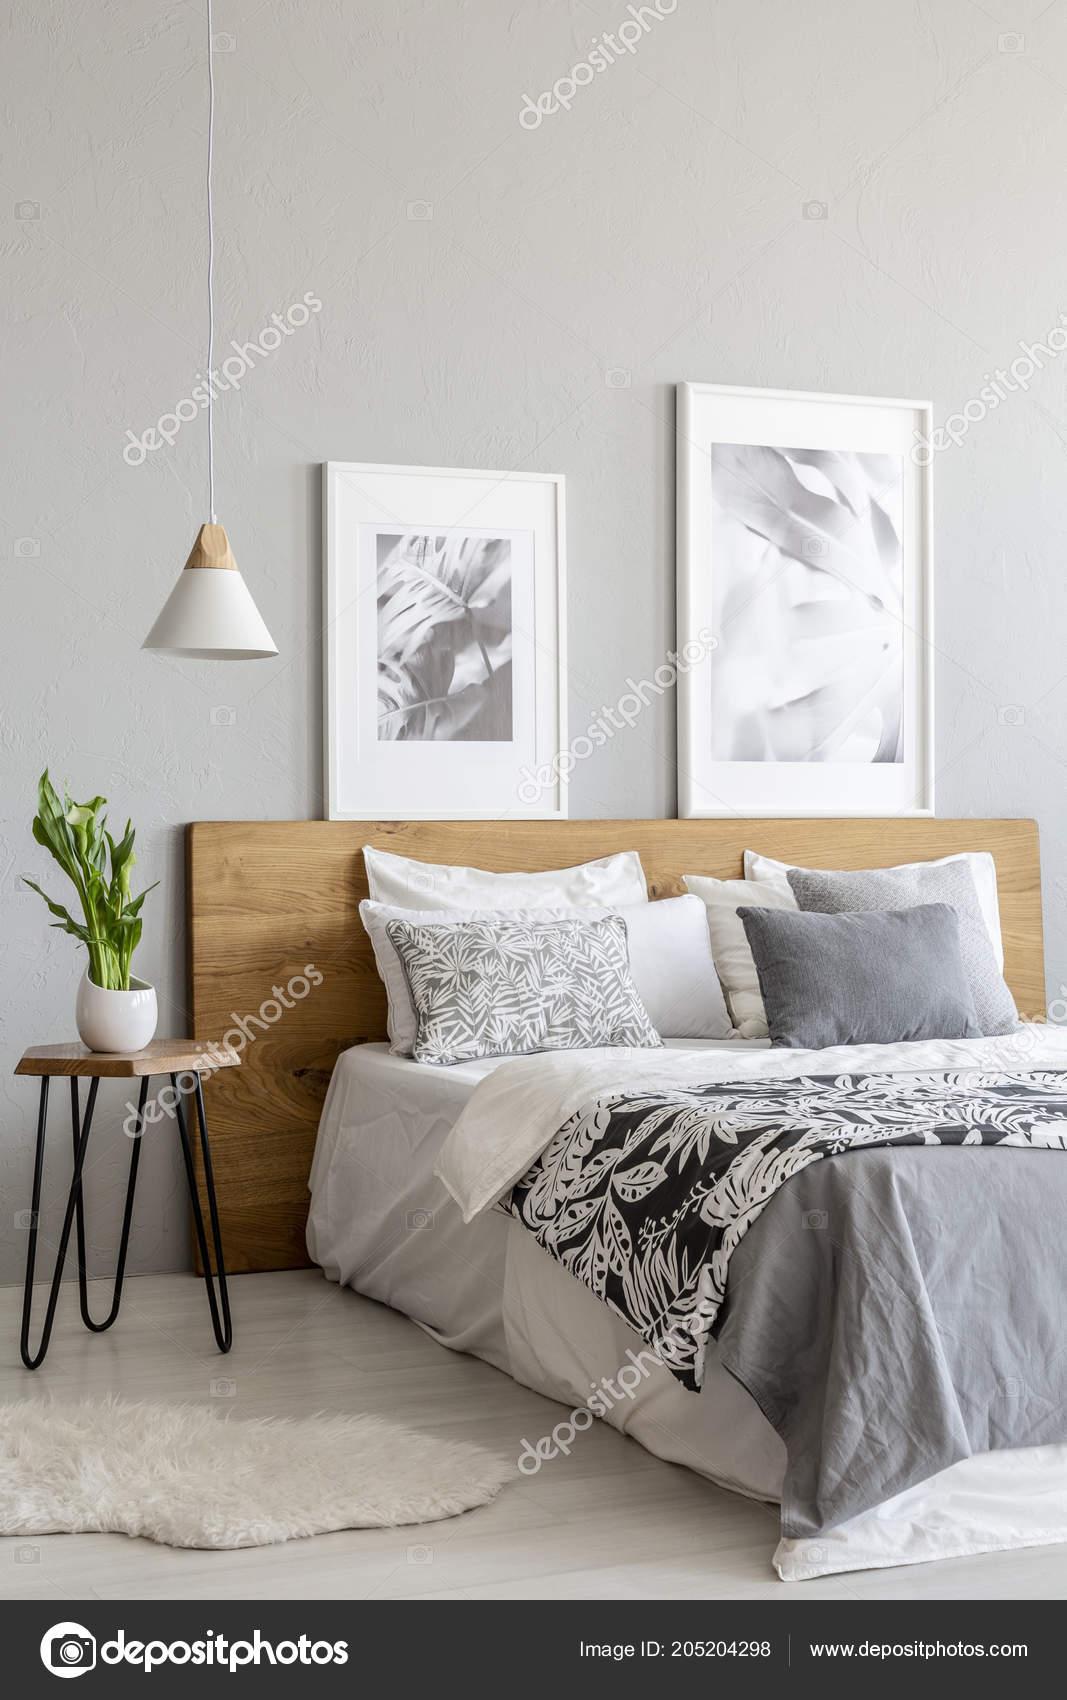 Anlage Auf Tisch Nachstes Holzbett Innen Grau Schlafzimmer Mit Lampe